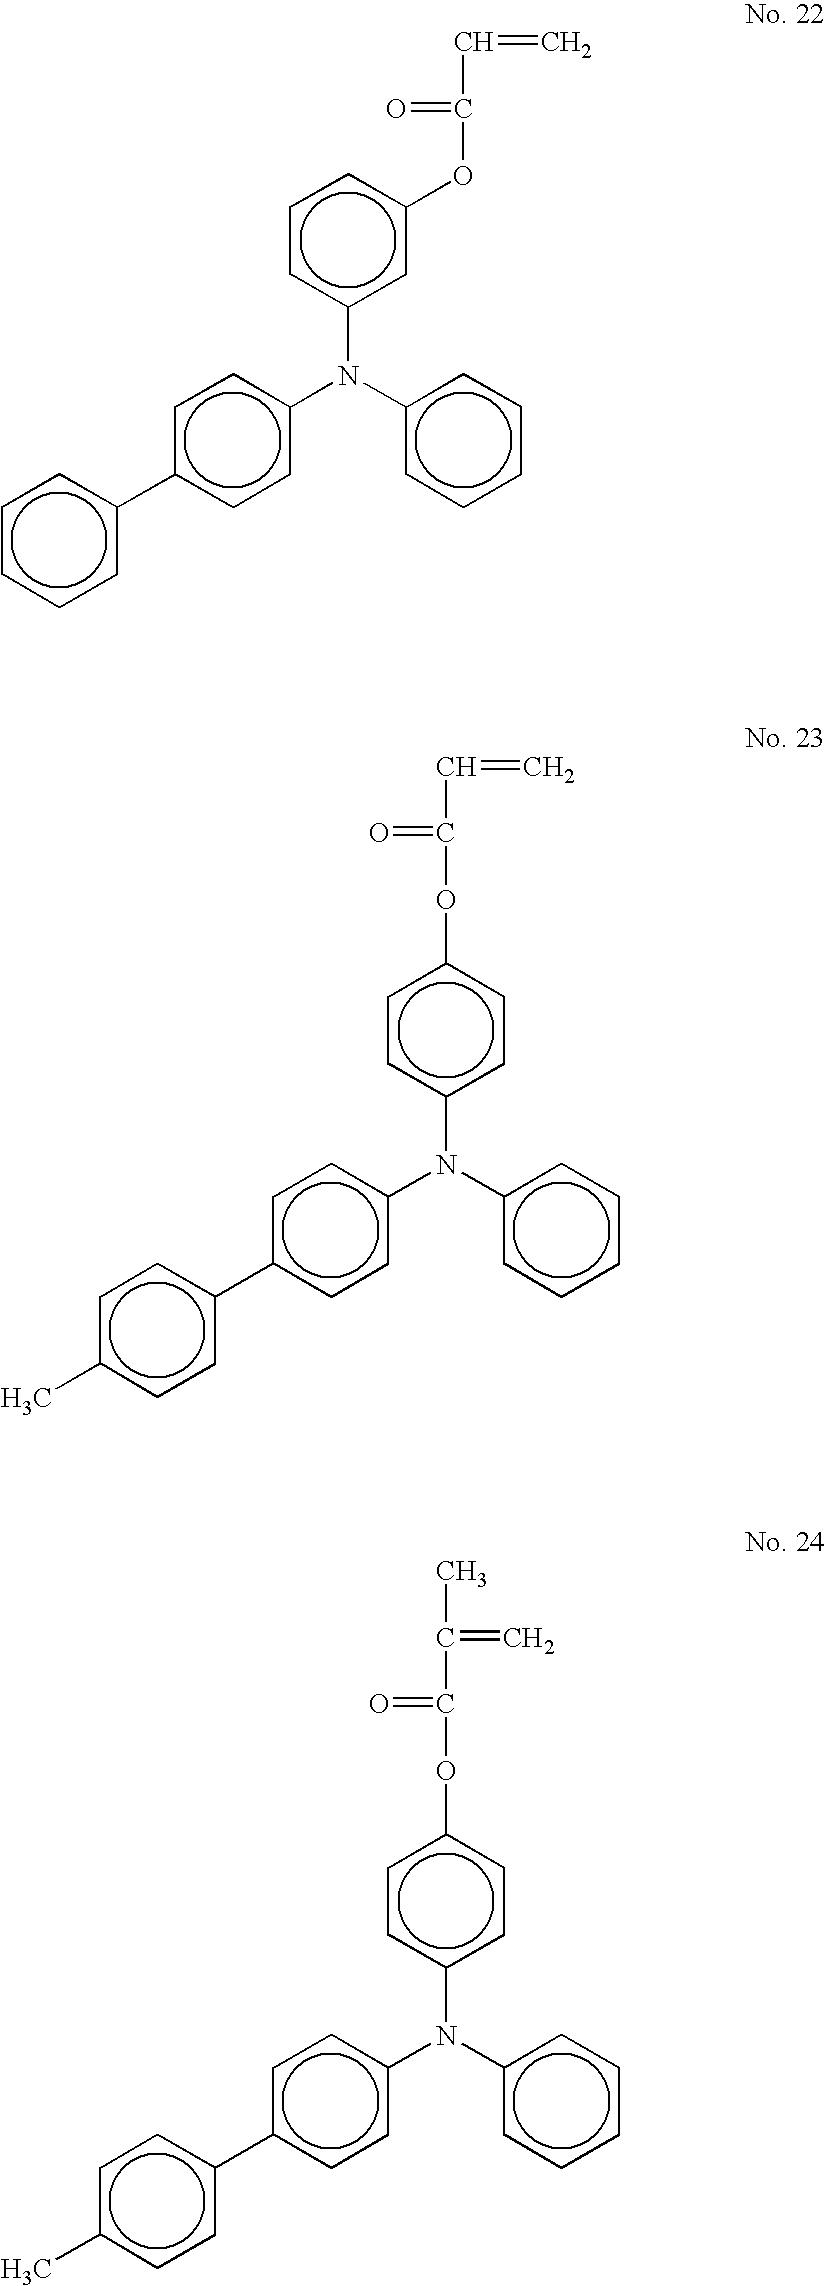 Figure US20040253527A1-20041216-C00019